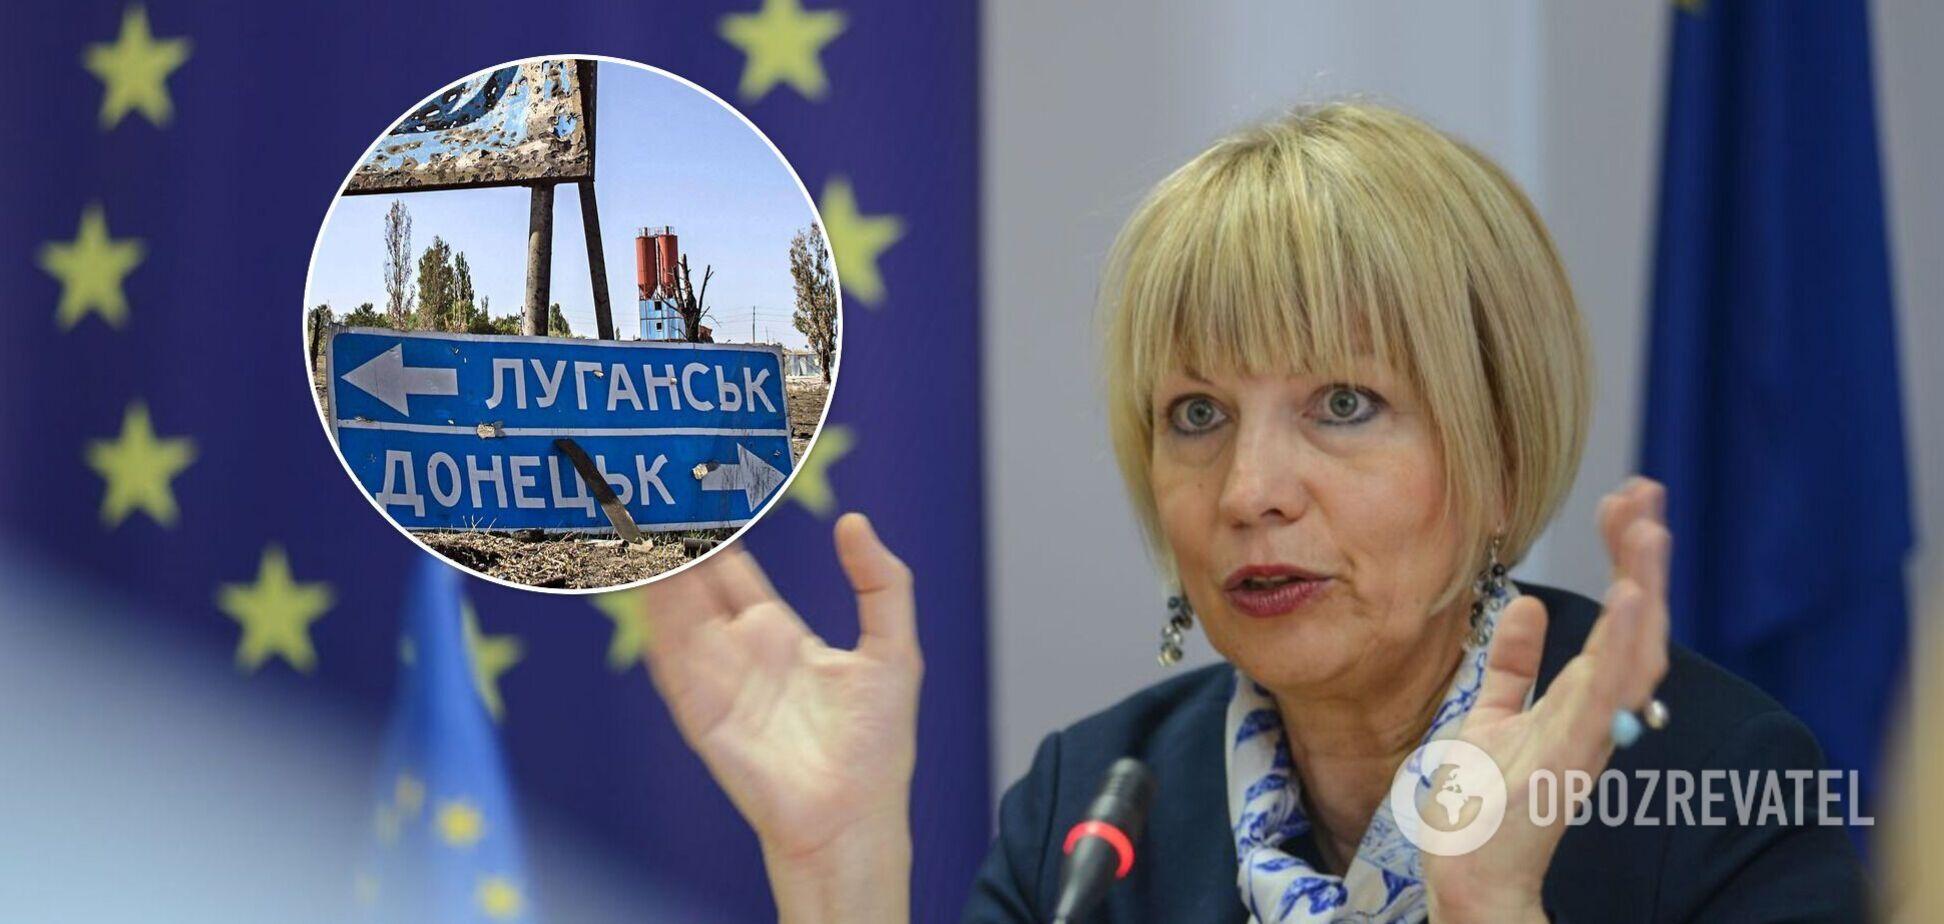 Хельга Шмид посетит Украину